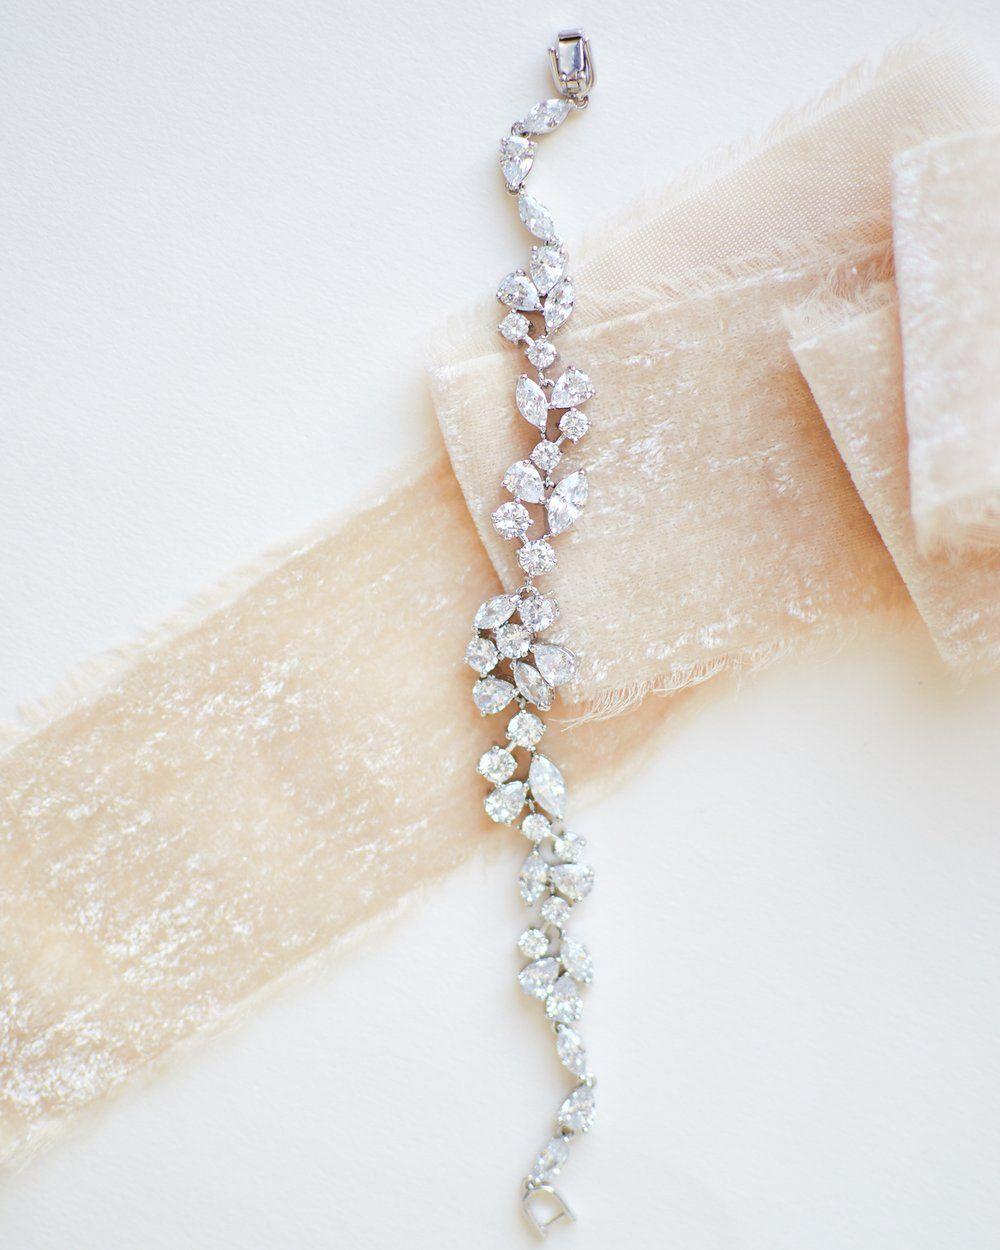 62c9609055 Delicate CZ Bracelet, Wedding Jewelry Bracelet, Wedding Jewelry Ideas,  Bride Bracelet, Bridal Bracelet, Wedding Bracelets, Bridal Jewelry, ...